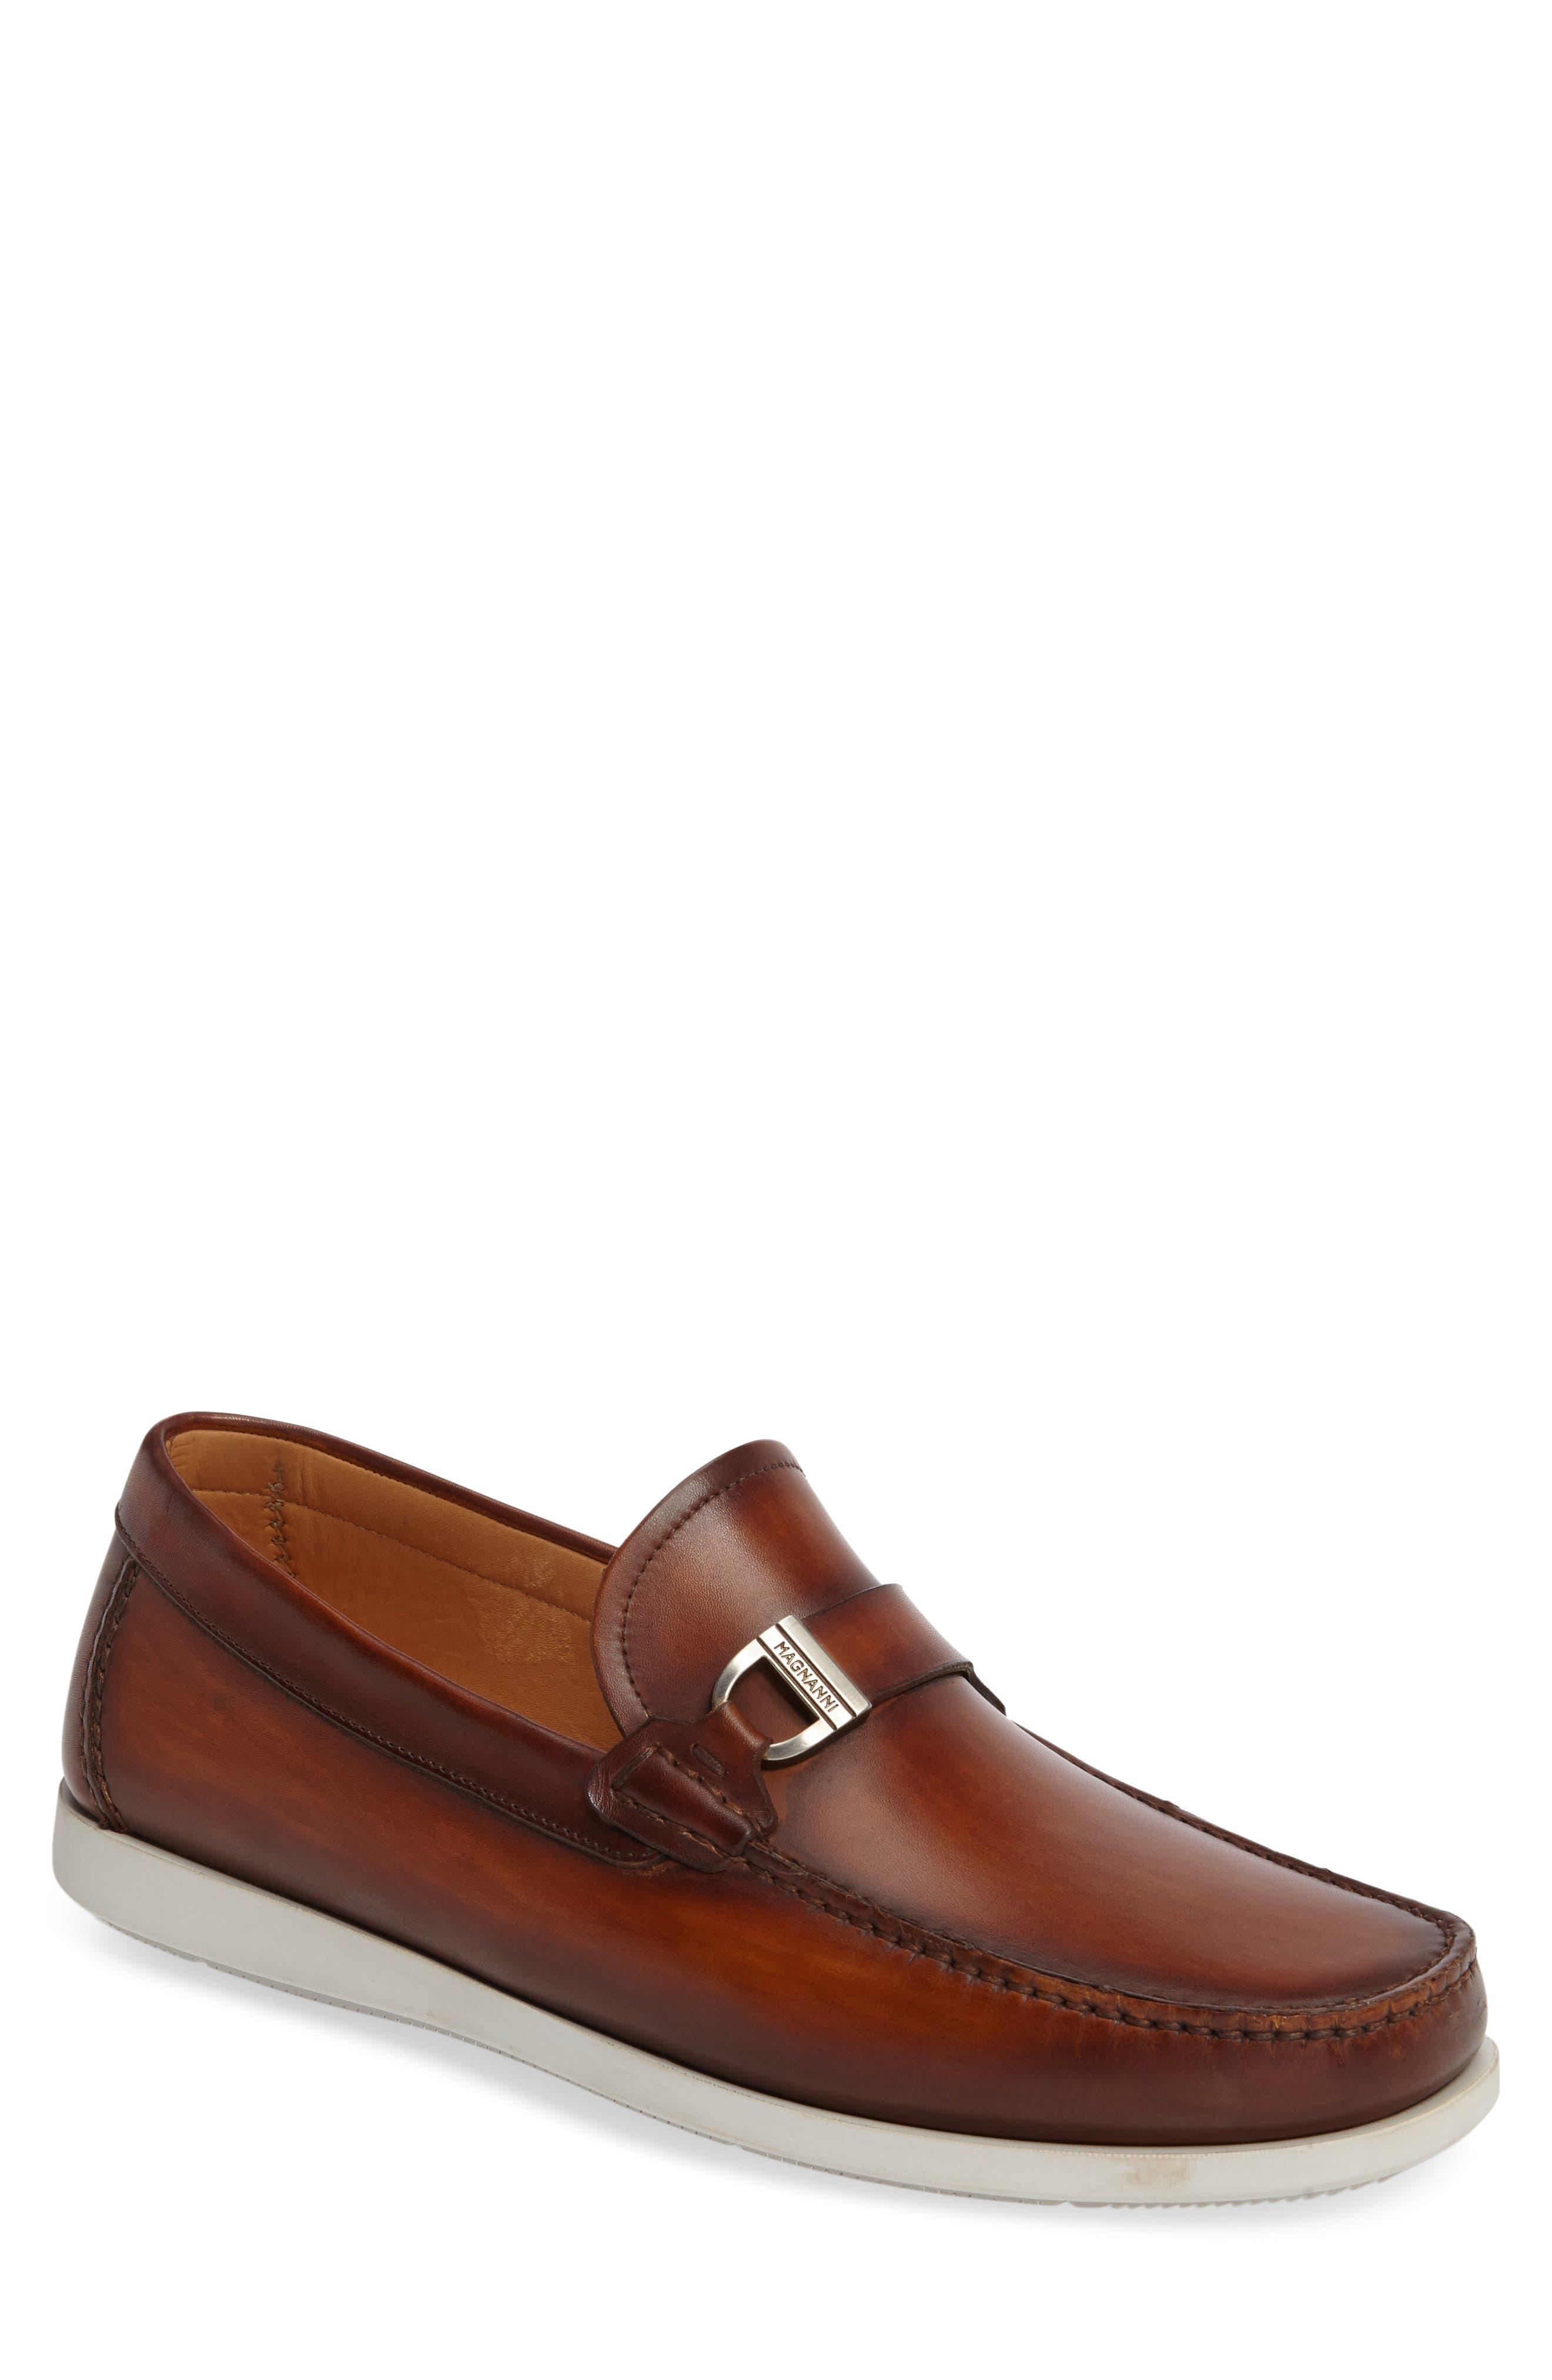 Seca Bit Loafer,                         Main,                         color,